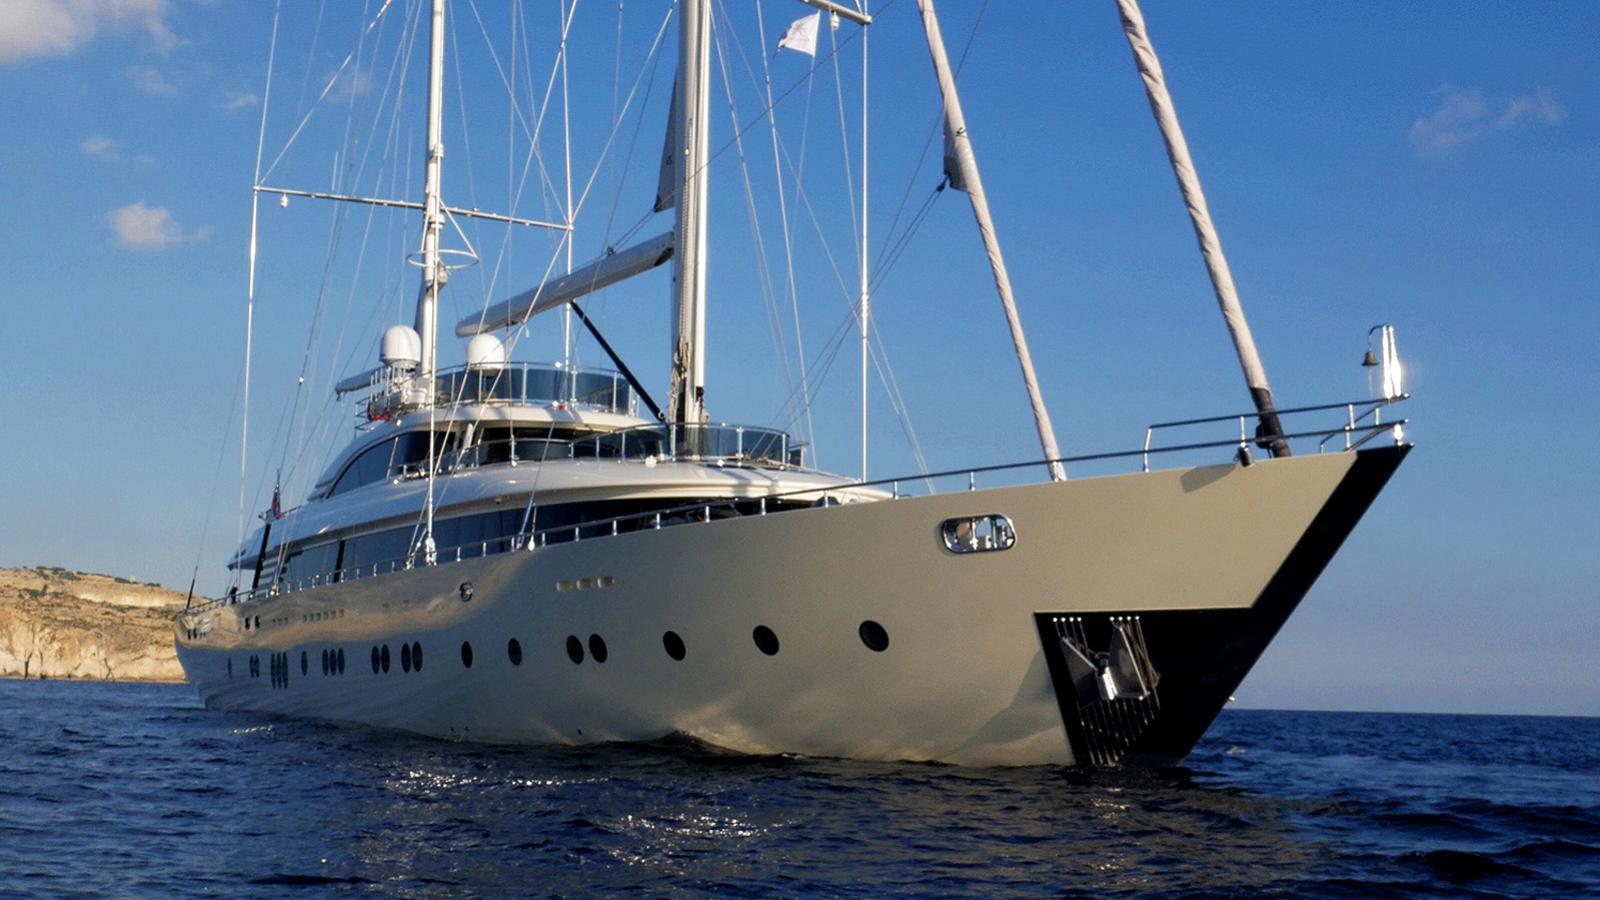 aresteas motorsailor yacht areasteas yachting yildizlar mesrubat 50m 2017 half profile